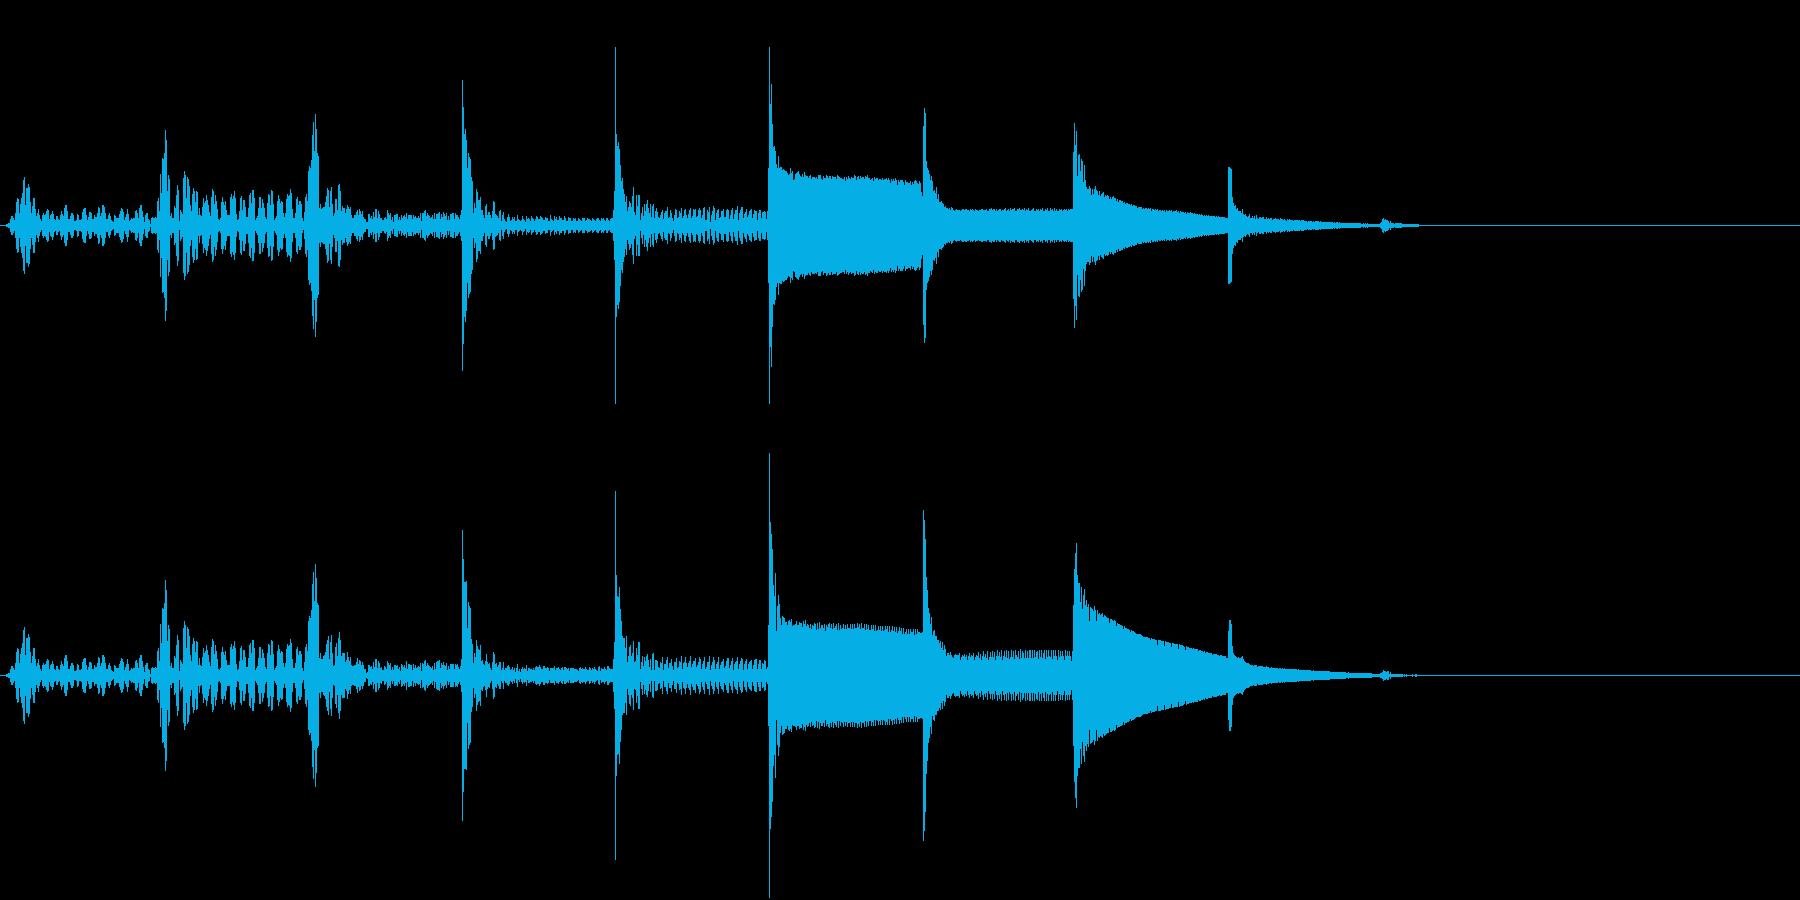 考える音の再生済みの波形